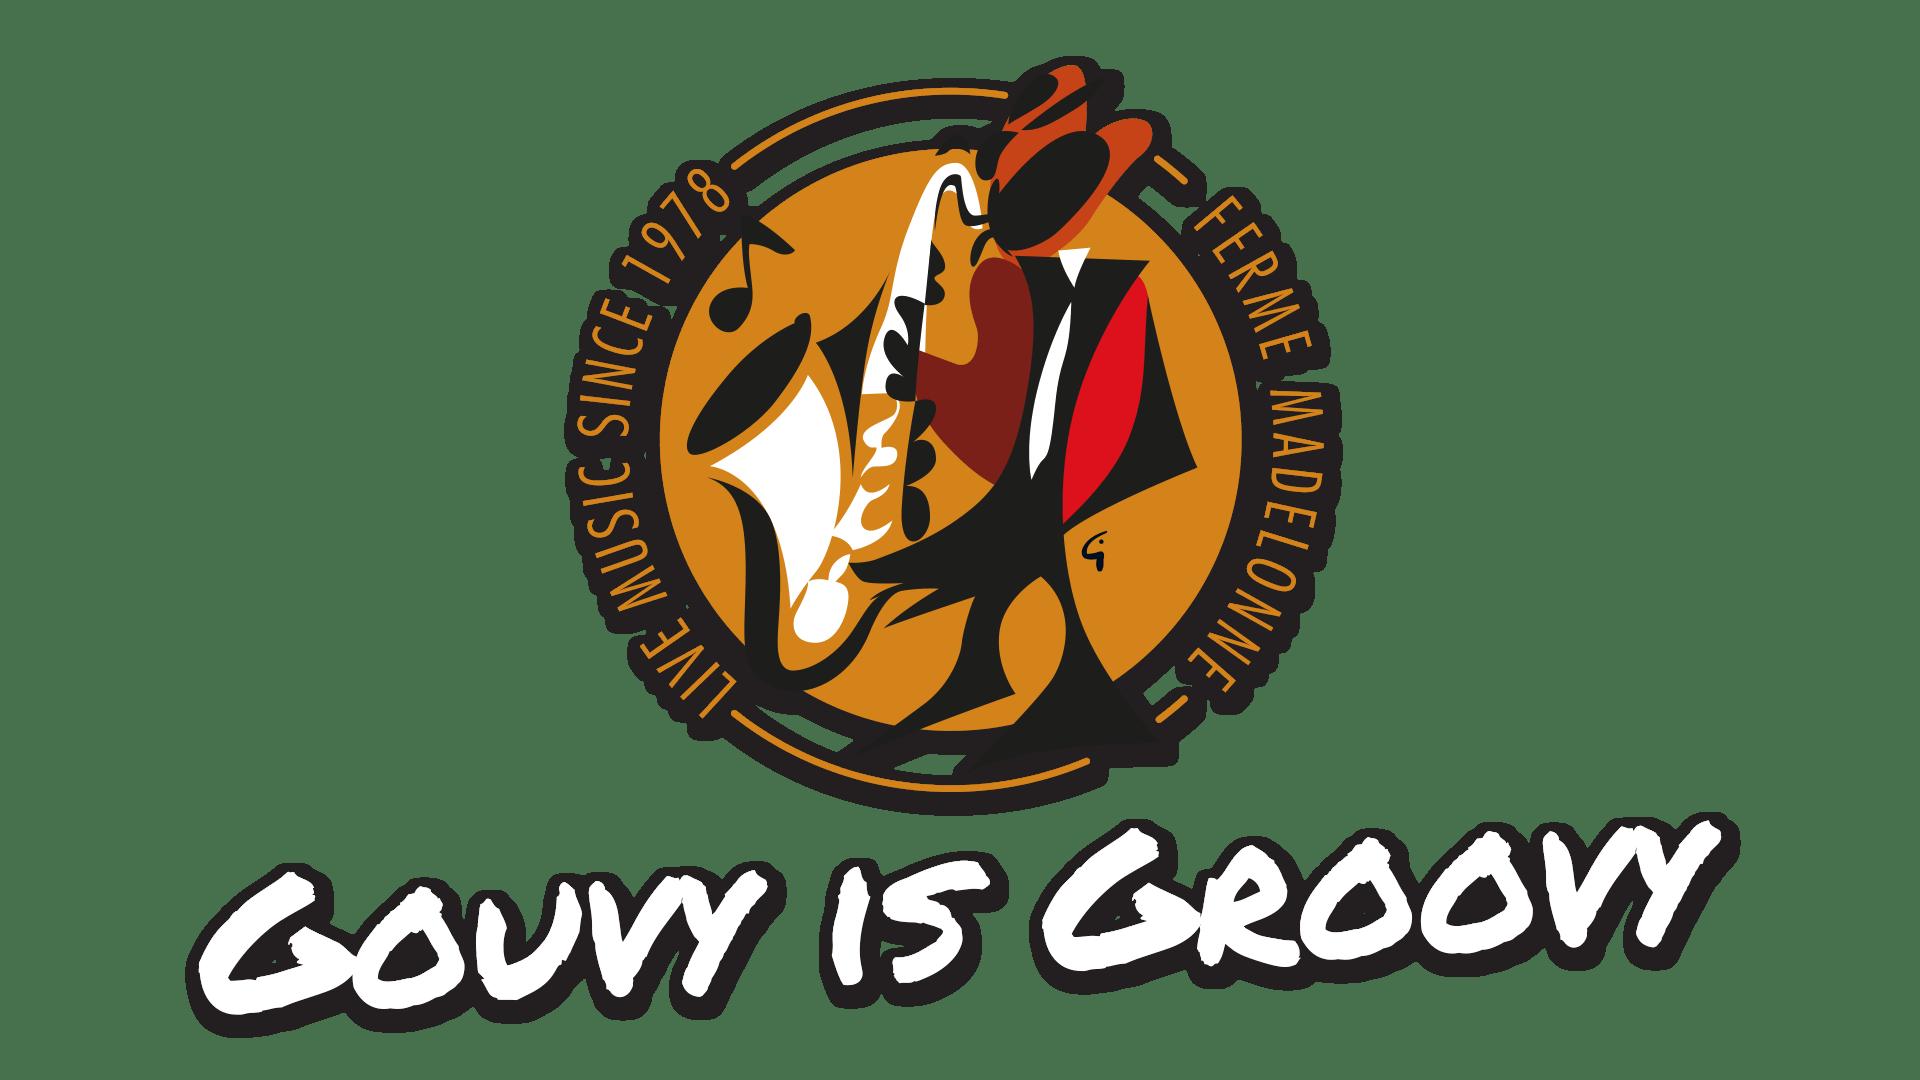 Logo de la Ferme Madelonne + slogan Gouvy is Groovy